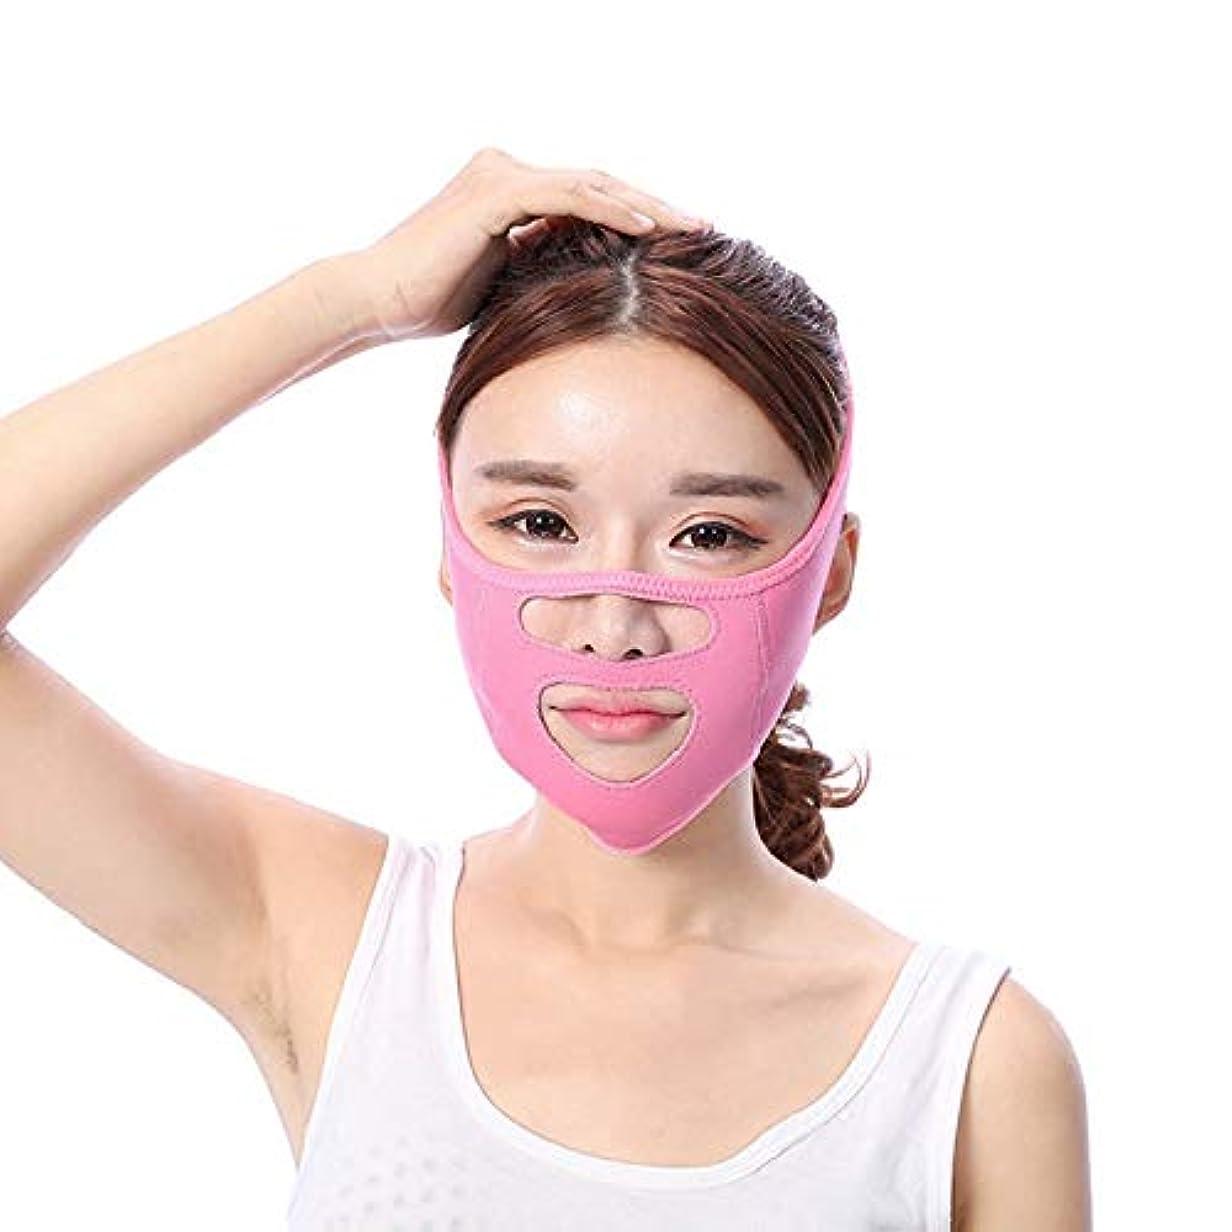 過半数メンダシティ警告飛強強 顔の持ち上がる痩身ベルト - あなたの顔のための素晴らしいトレーニング二重あごのワークアウトフェイスマスクベルト薄い顔包帯整形マスクは顔と首を締めますフェイススリム スリムフィット美容ツール